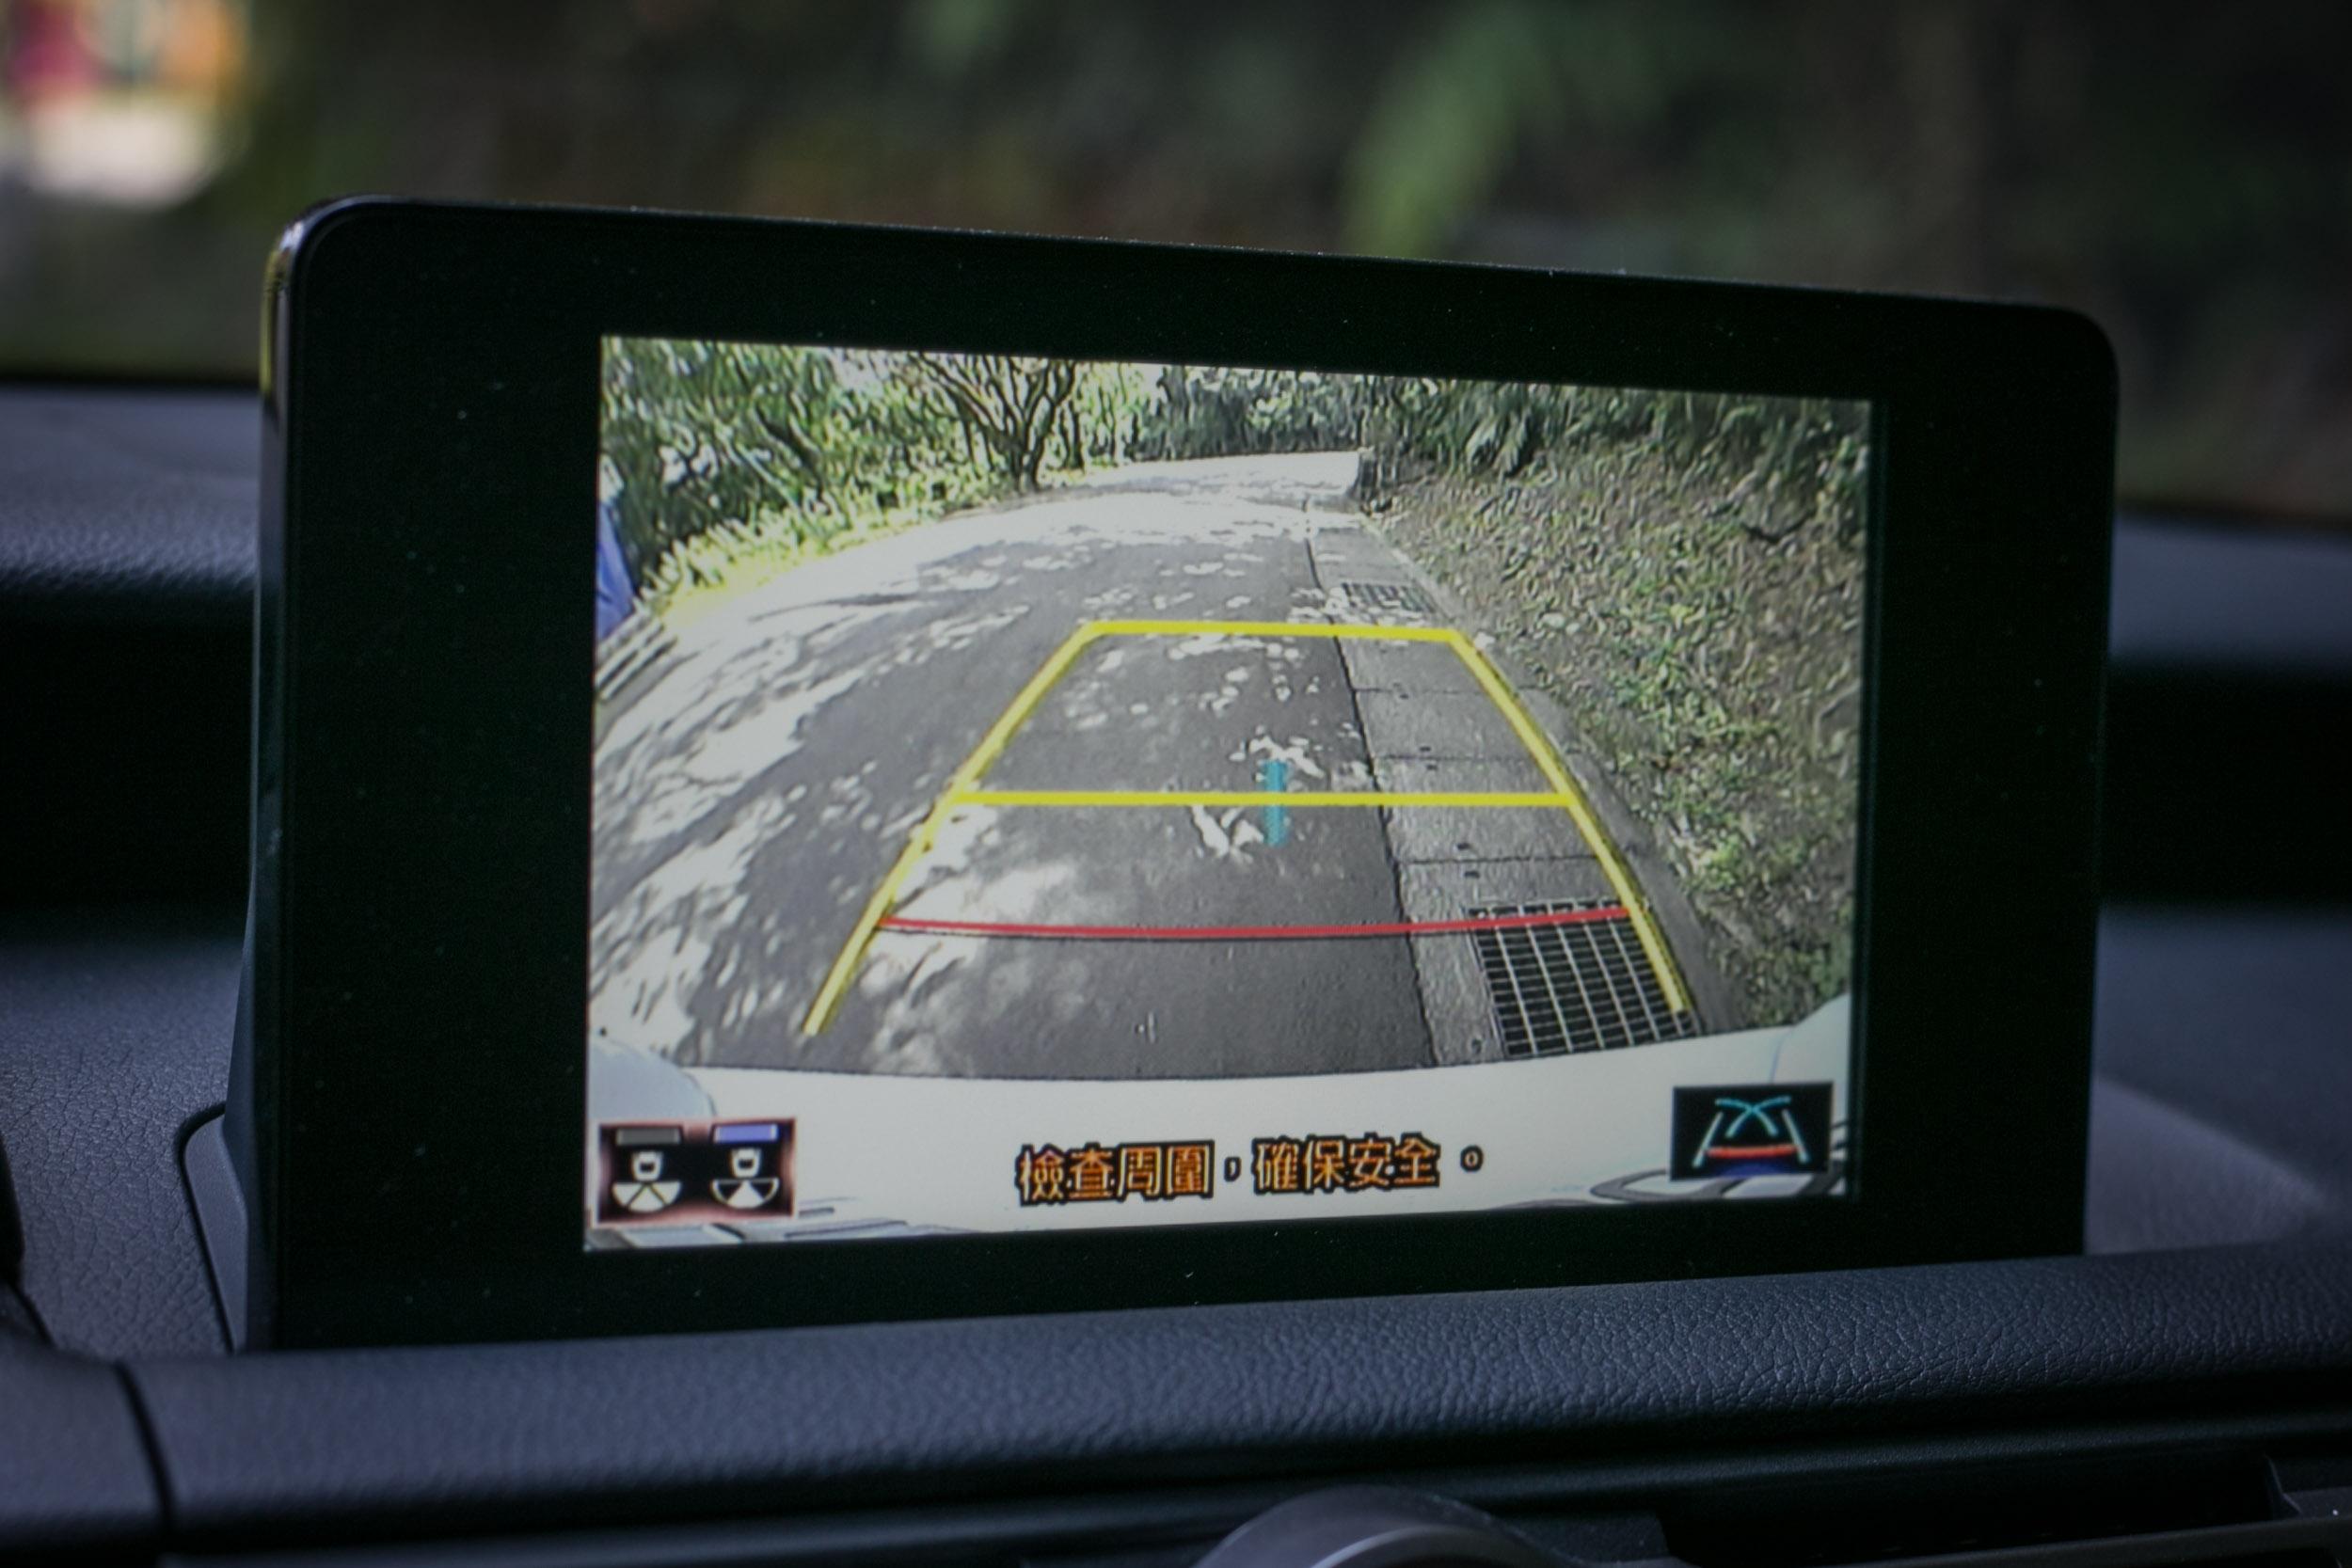 由圖可見僅有倒車影像輔助,並無 360 度環景,且畫面解析度表現也一般。